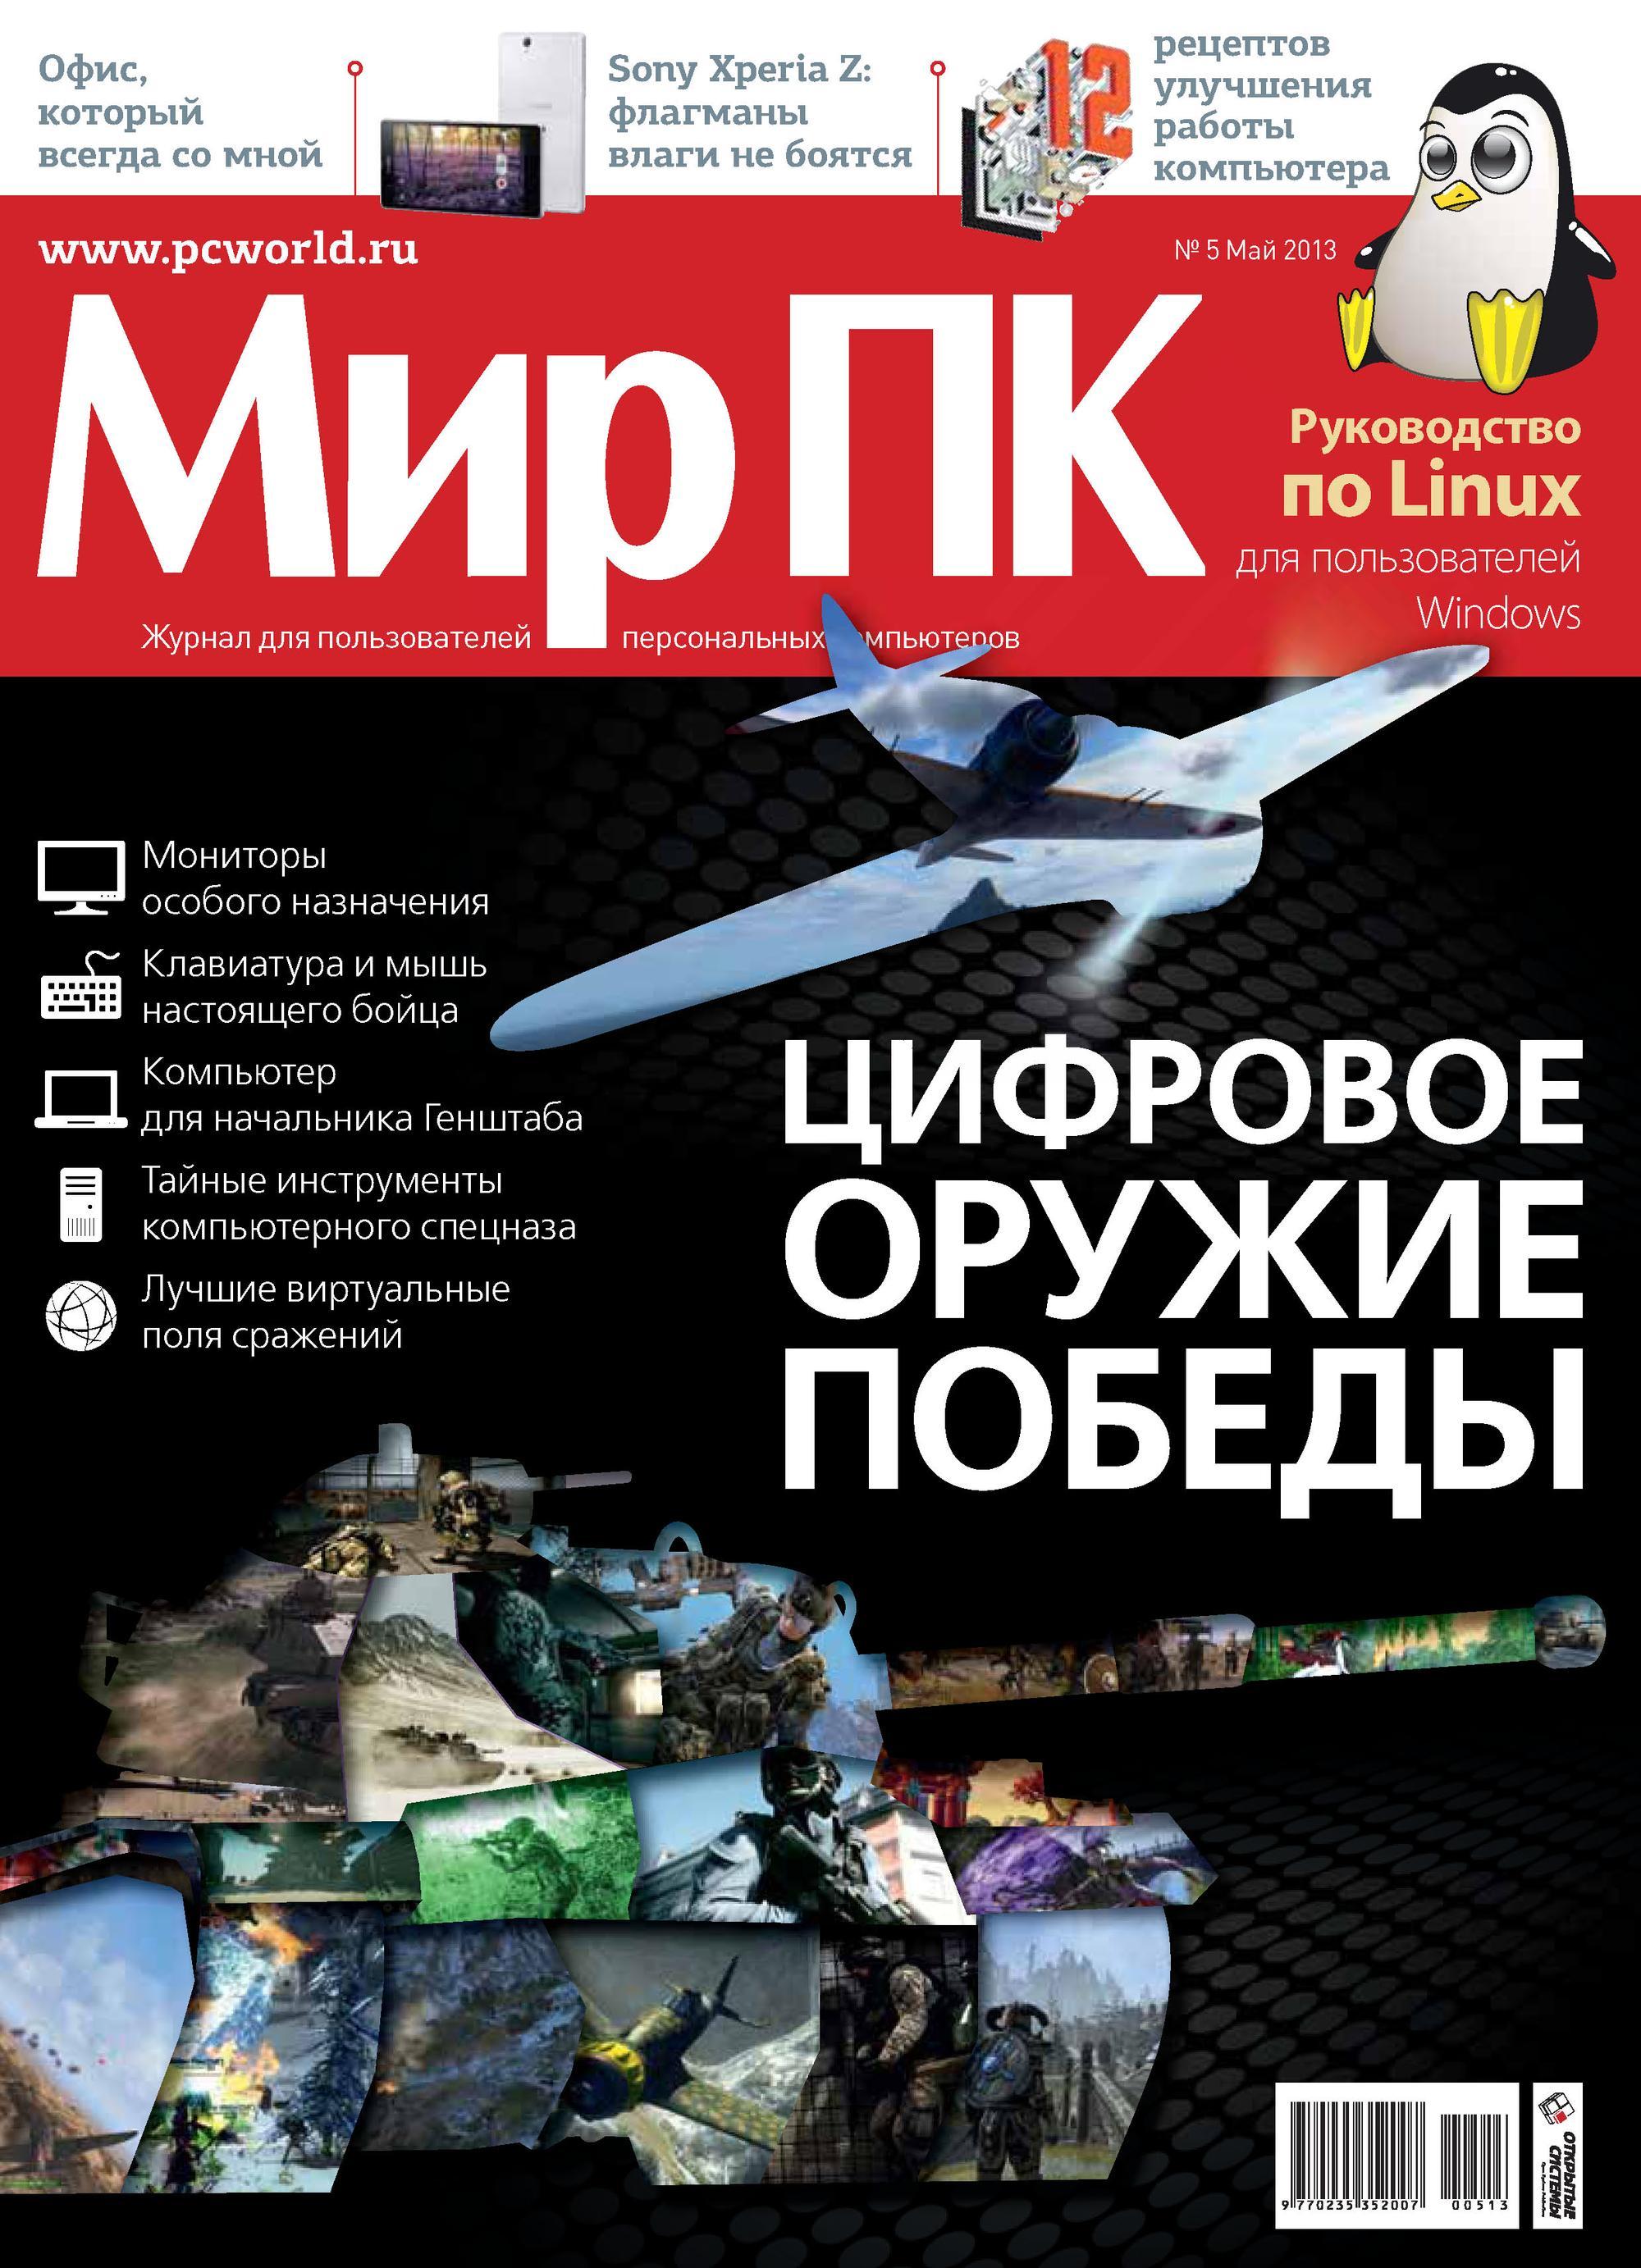 Мир ПК Журнал «Мир ПК» №05/2013 видеофильмы